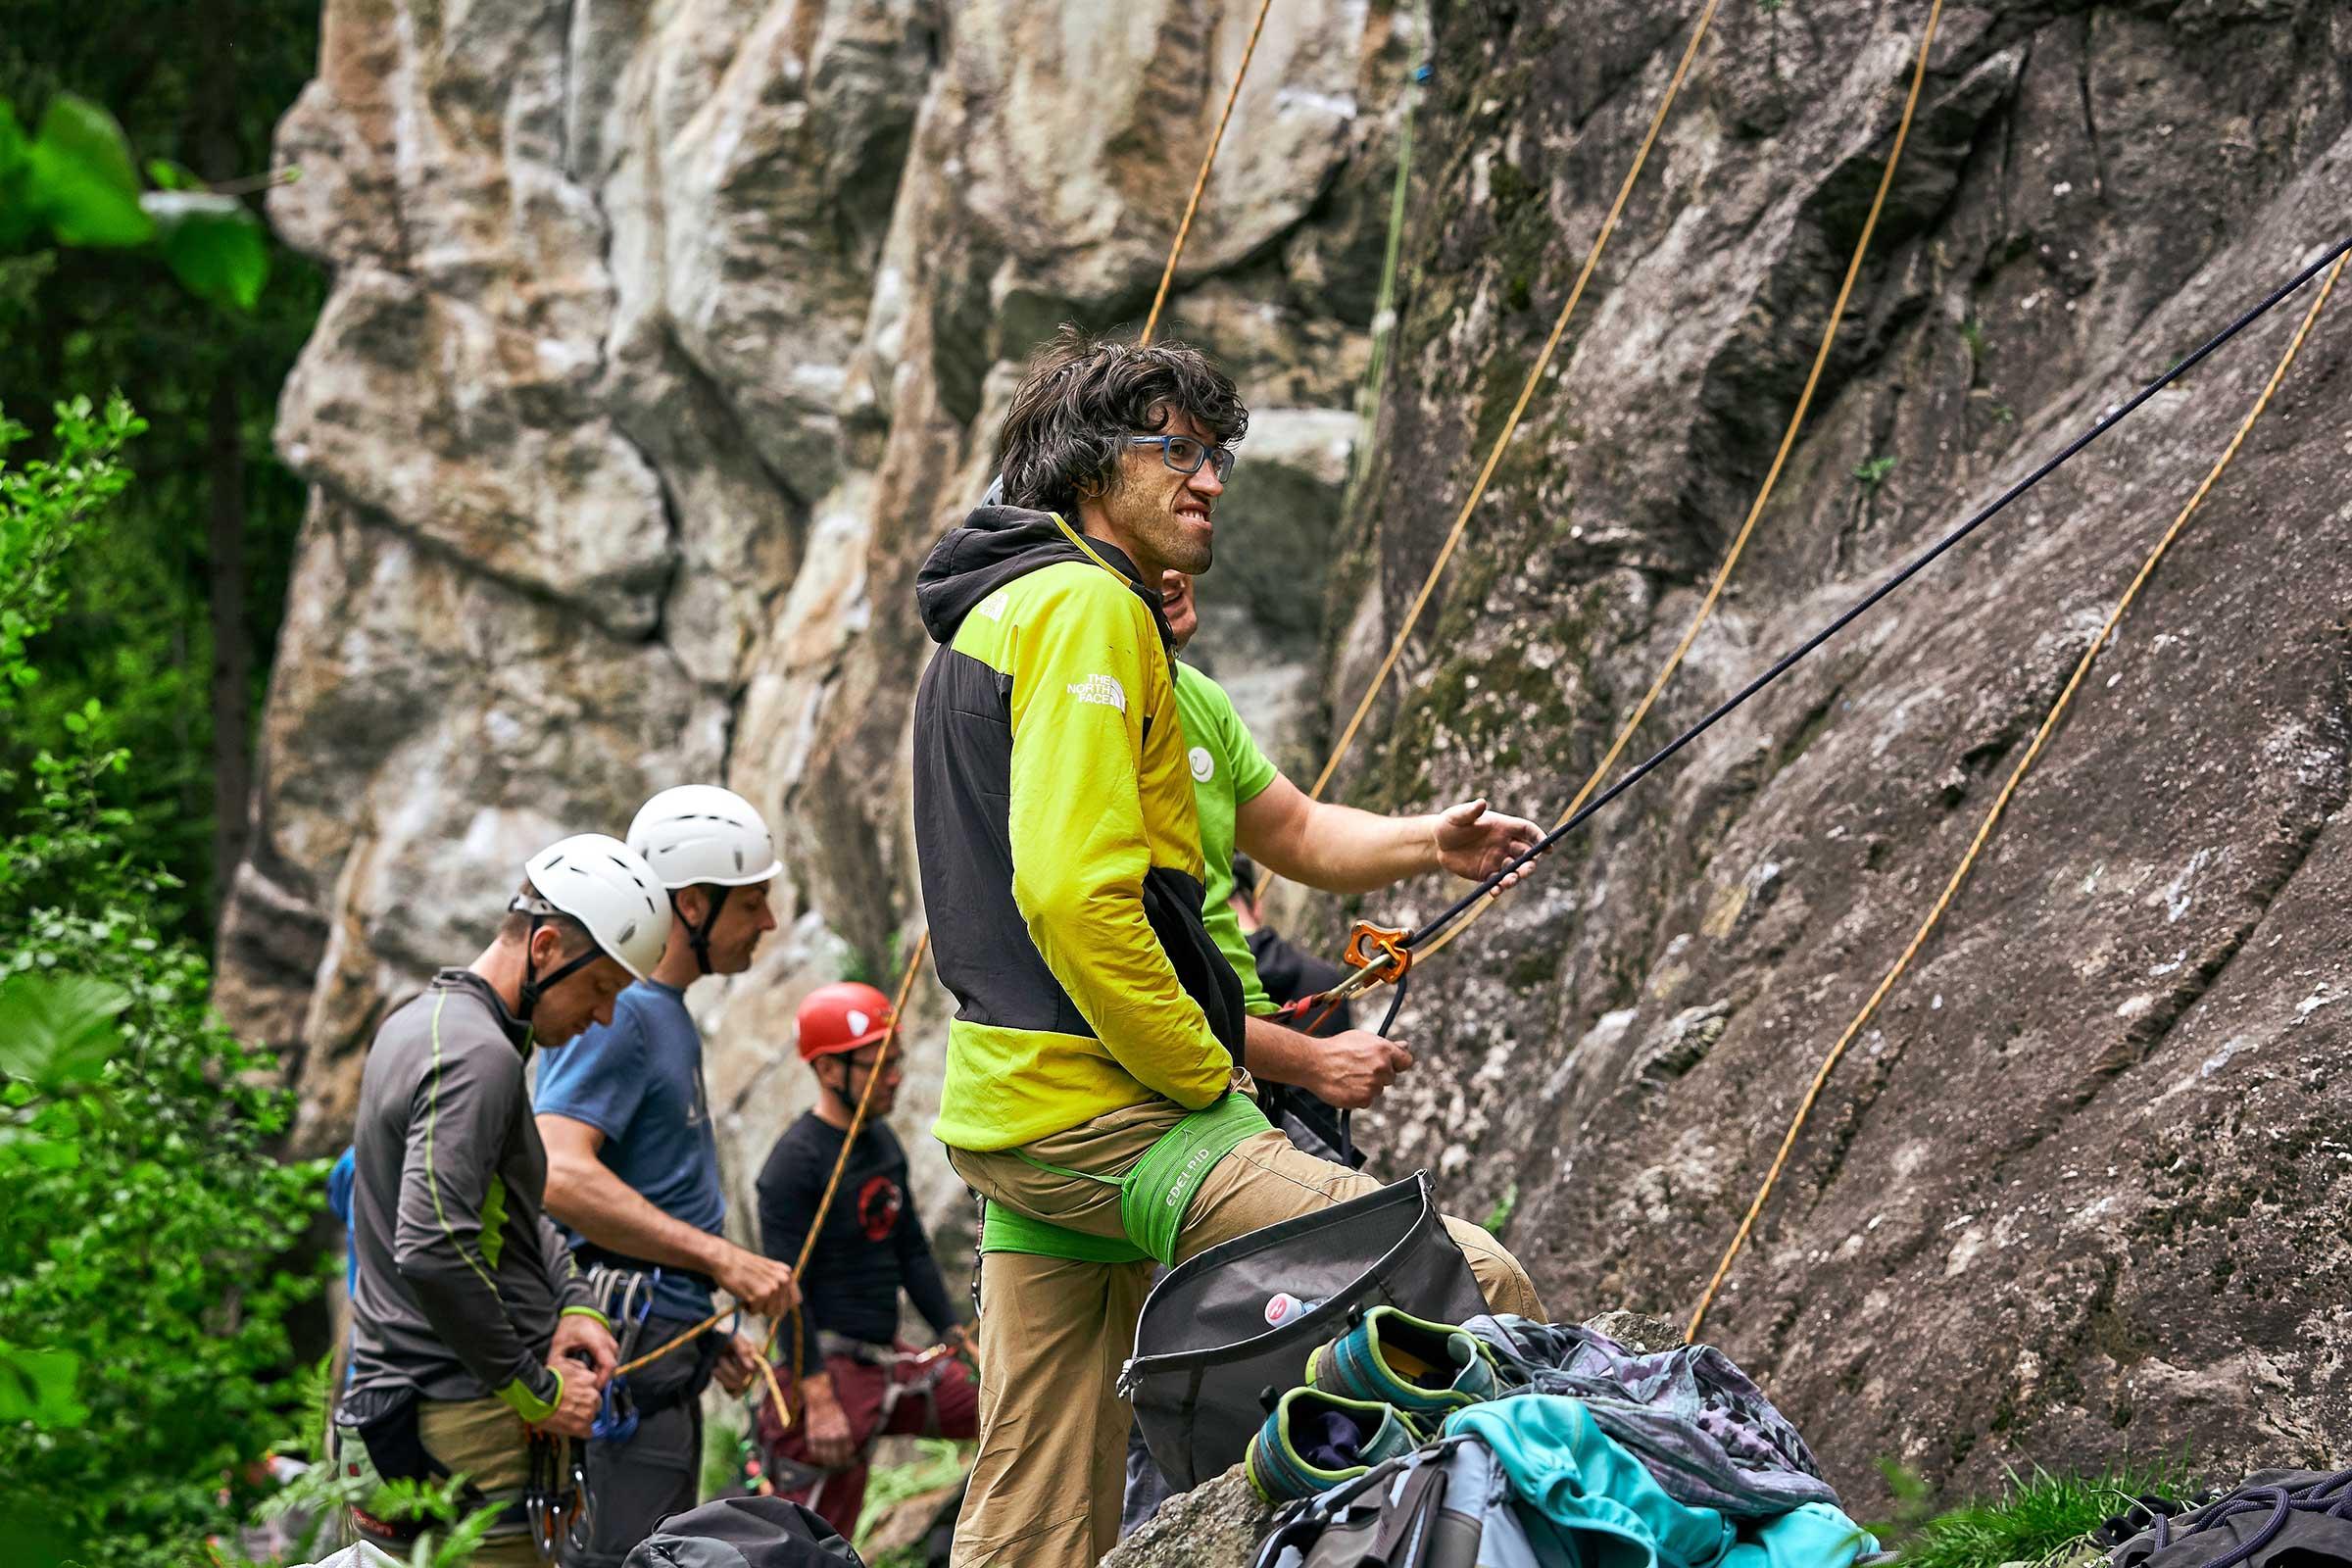 Hansjörg Auer beim Sichern während des Ötztaler Klettercamps - Abschied von den Besten